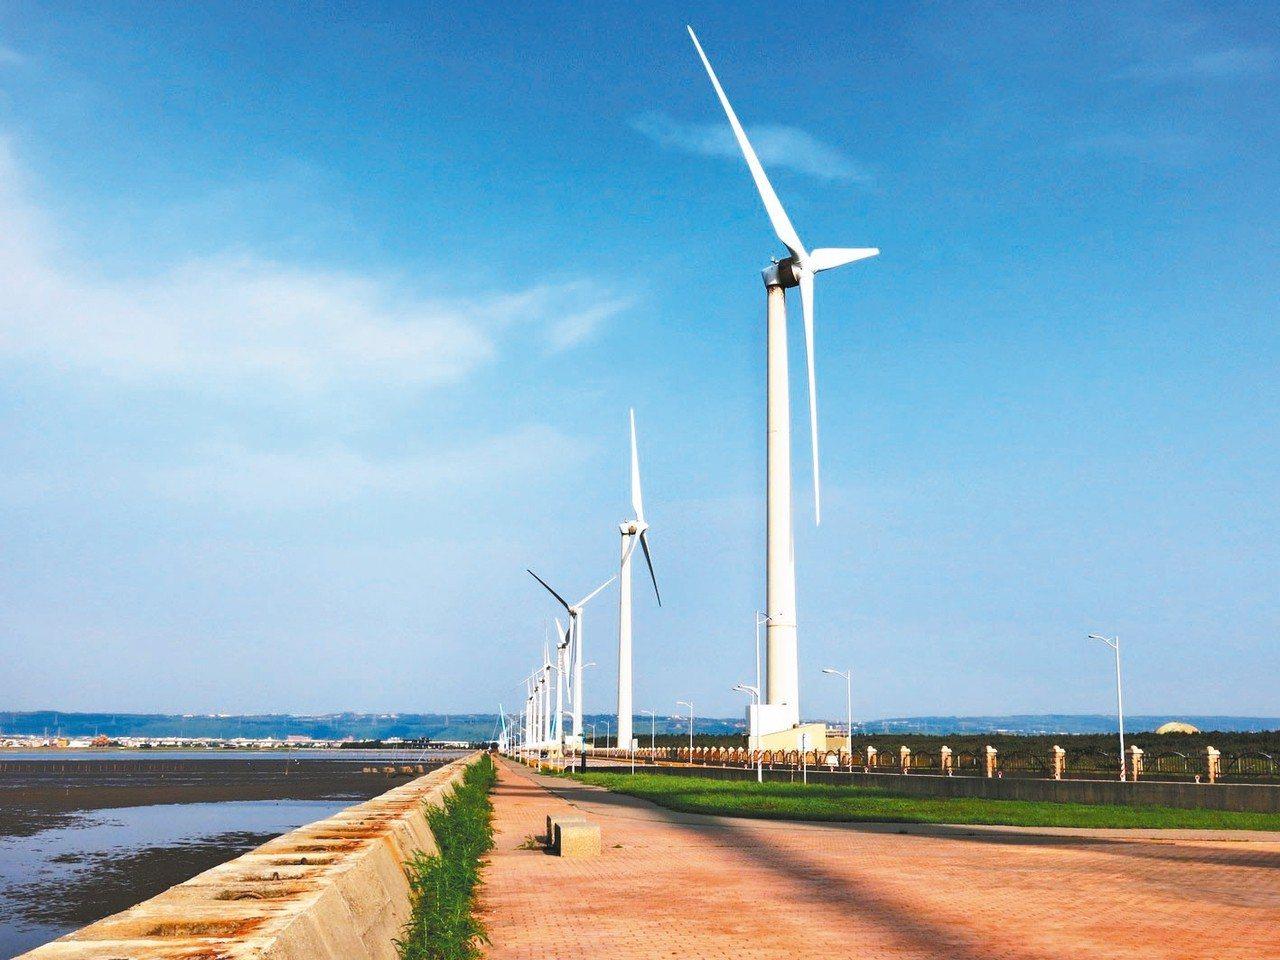 經濟部研擬調降明年再生能源躉購價格,引發再生能源業者反彈,經部明天召開公聽會聽取...